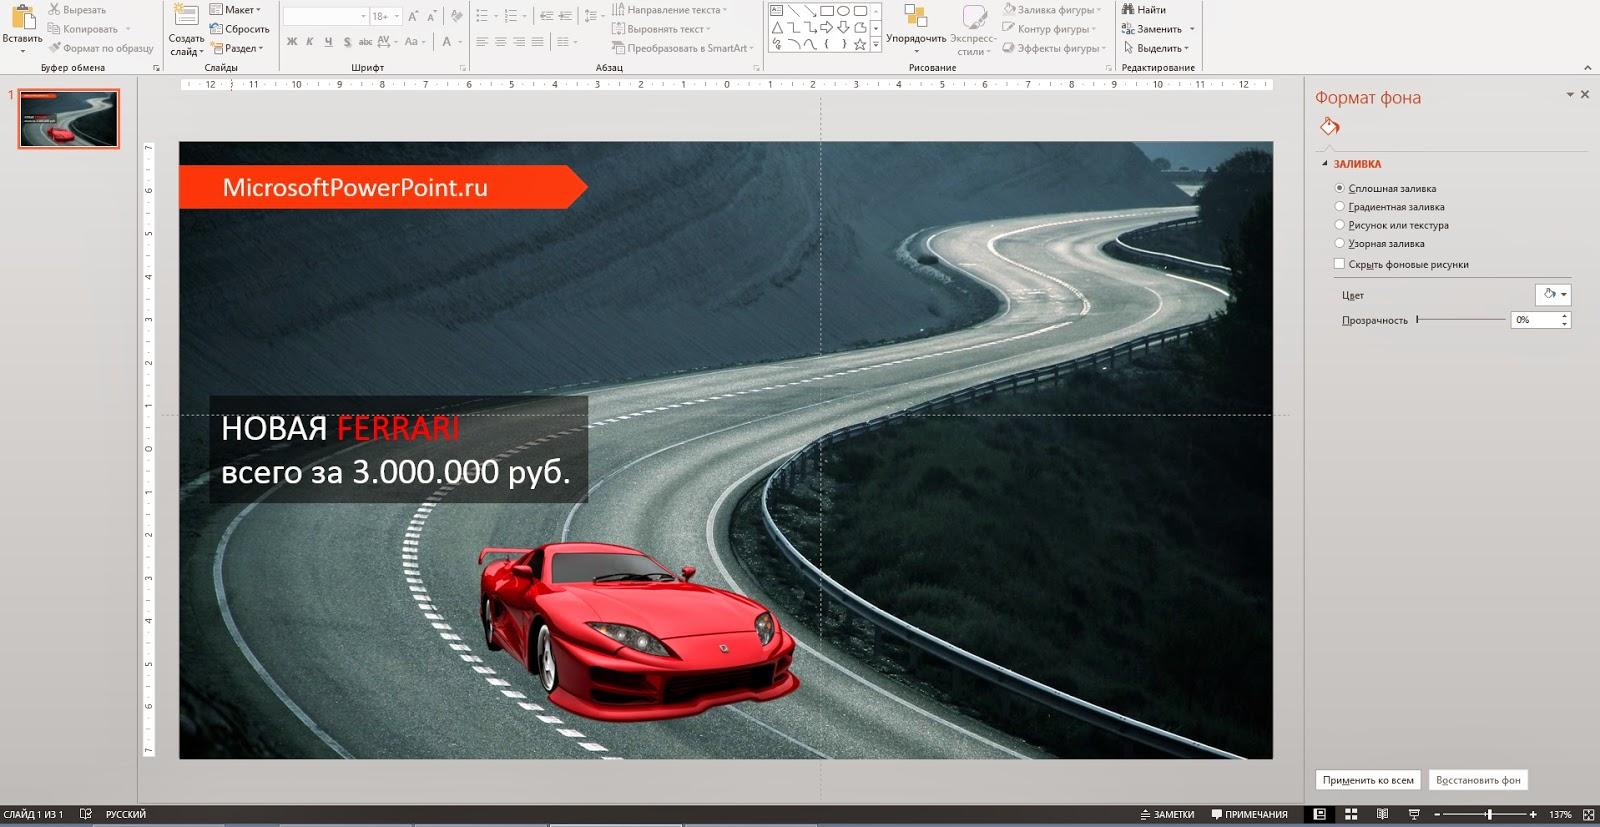 Как сделать из PowerPoint фоторедактор - редактируем изображения (jpg, png и др.)